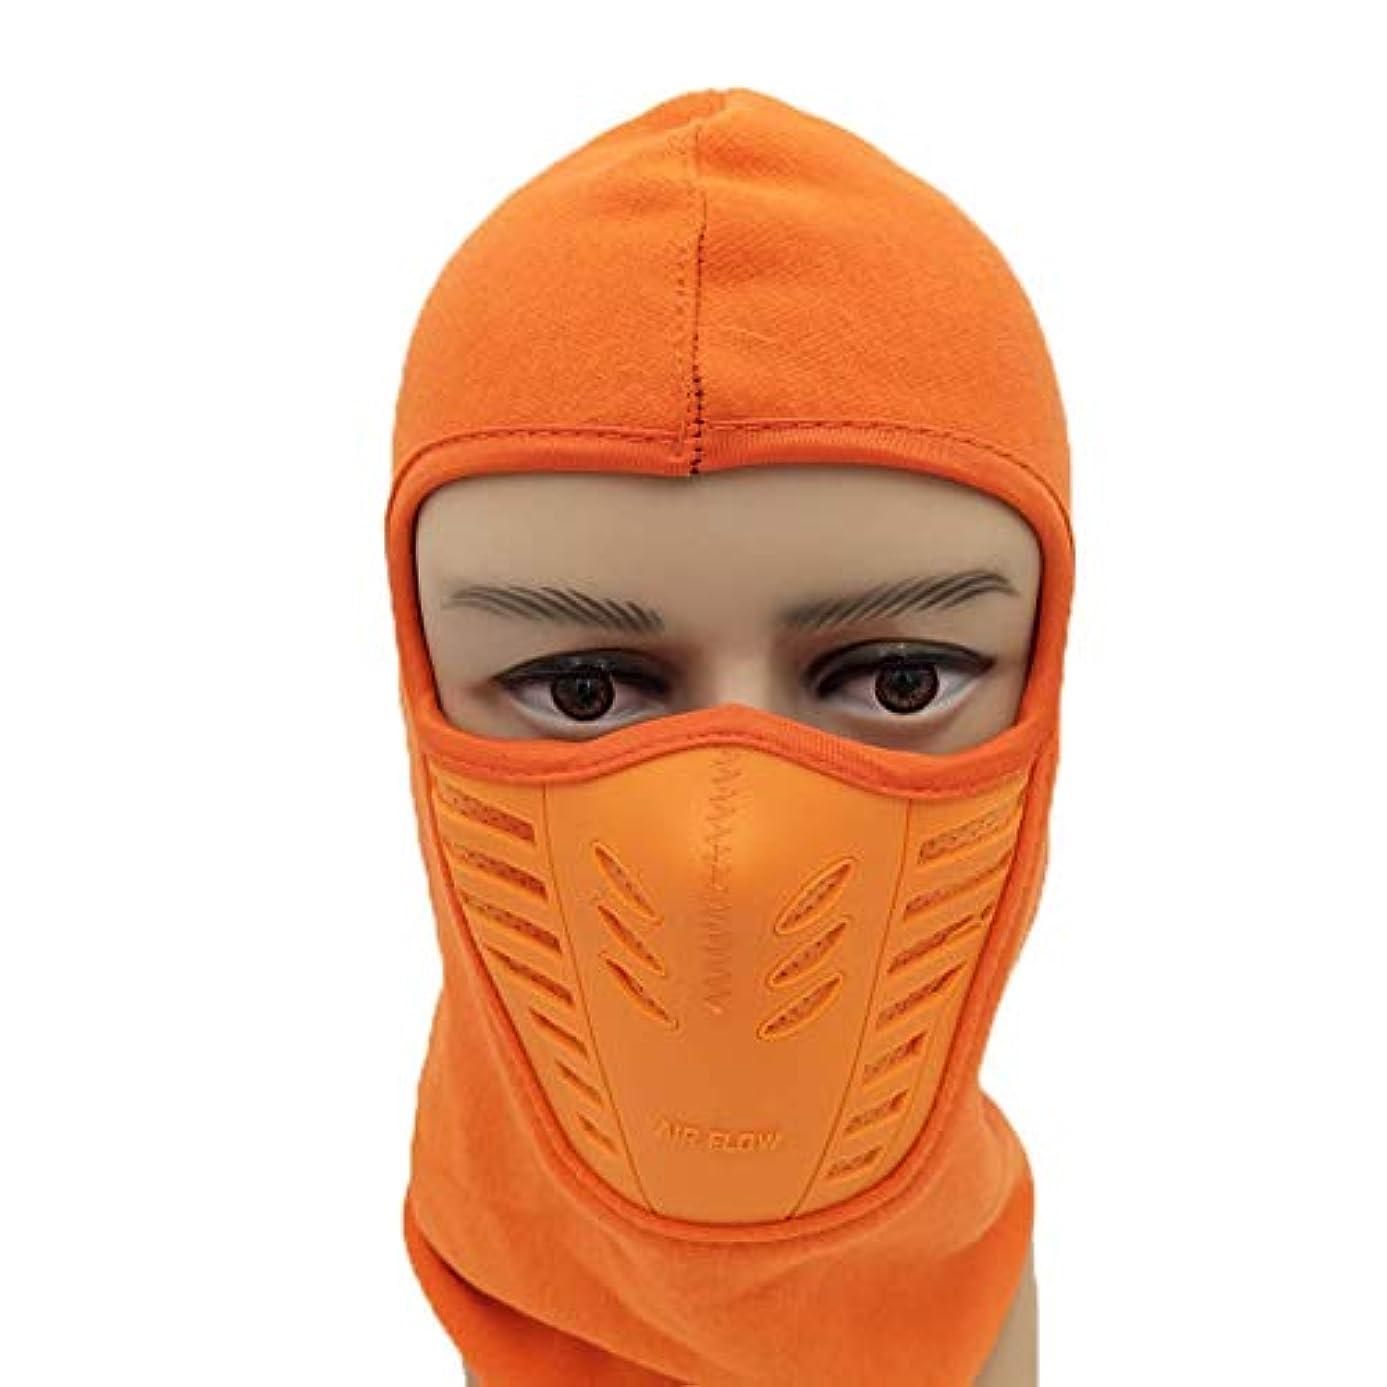 香港面必要としているXlpウィンターフリースネックウォーマー、フェイスマスクカバー、厚手ロングネックガーターチューブ、ビーニーネックウォーマーフード、ウィンターアウトドアスポーツマスク防風フード帽子